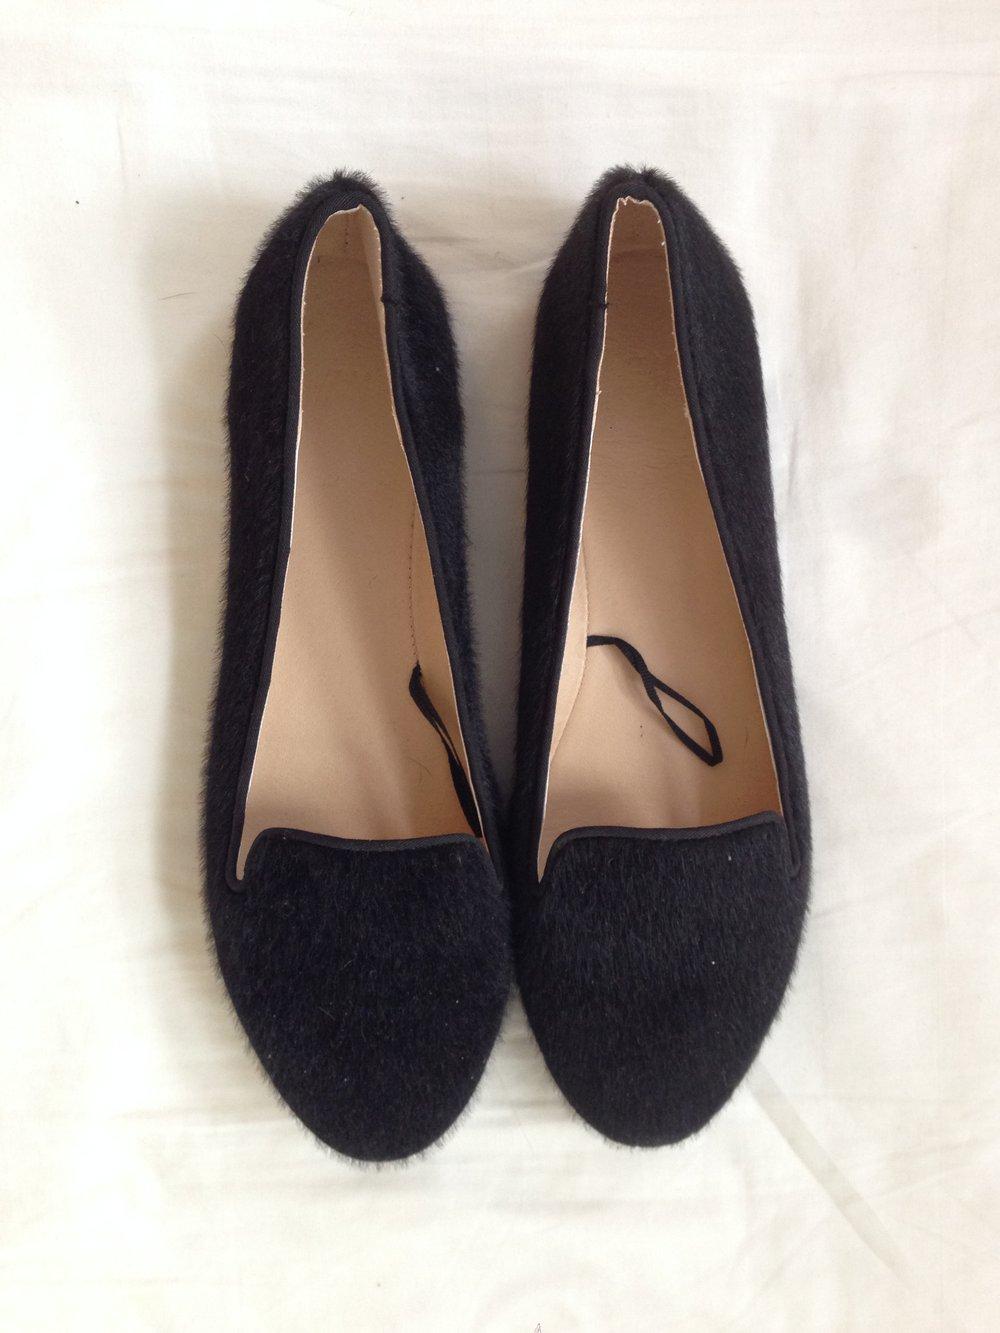 H m slipper ballerina schwarz 38 neu - Hm damenmode ...